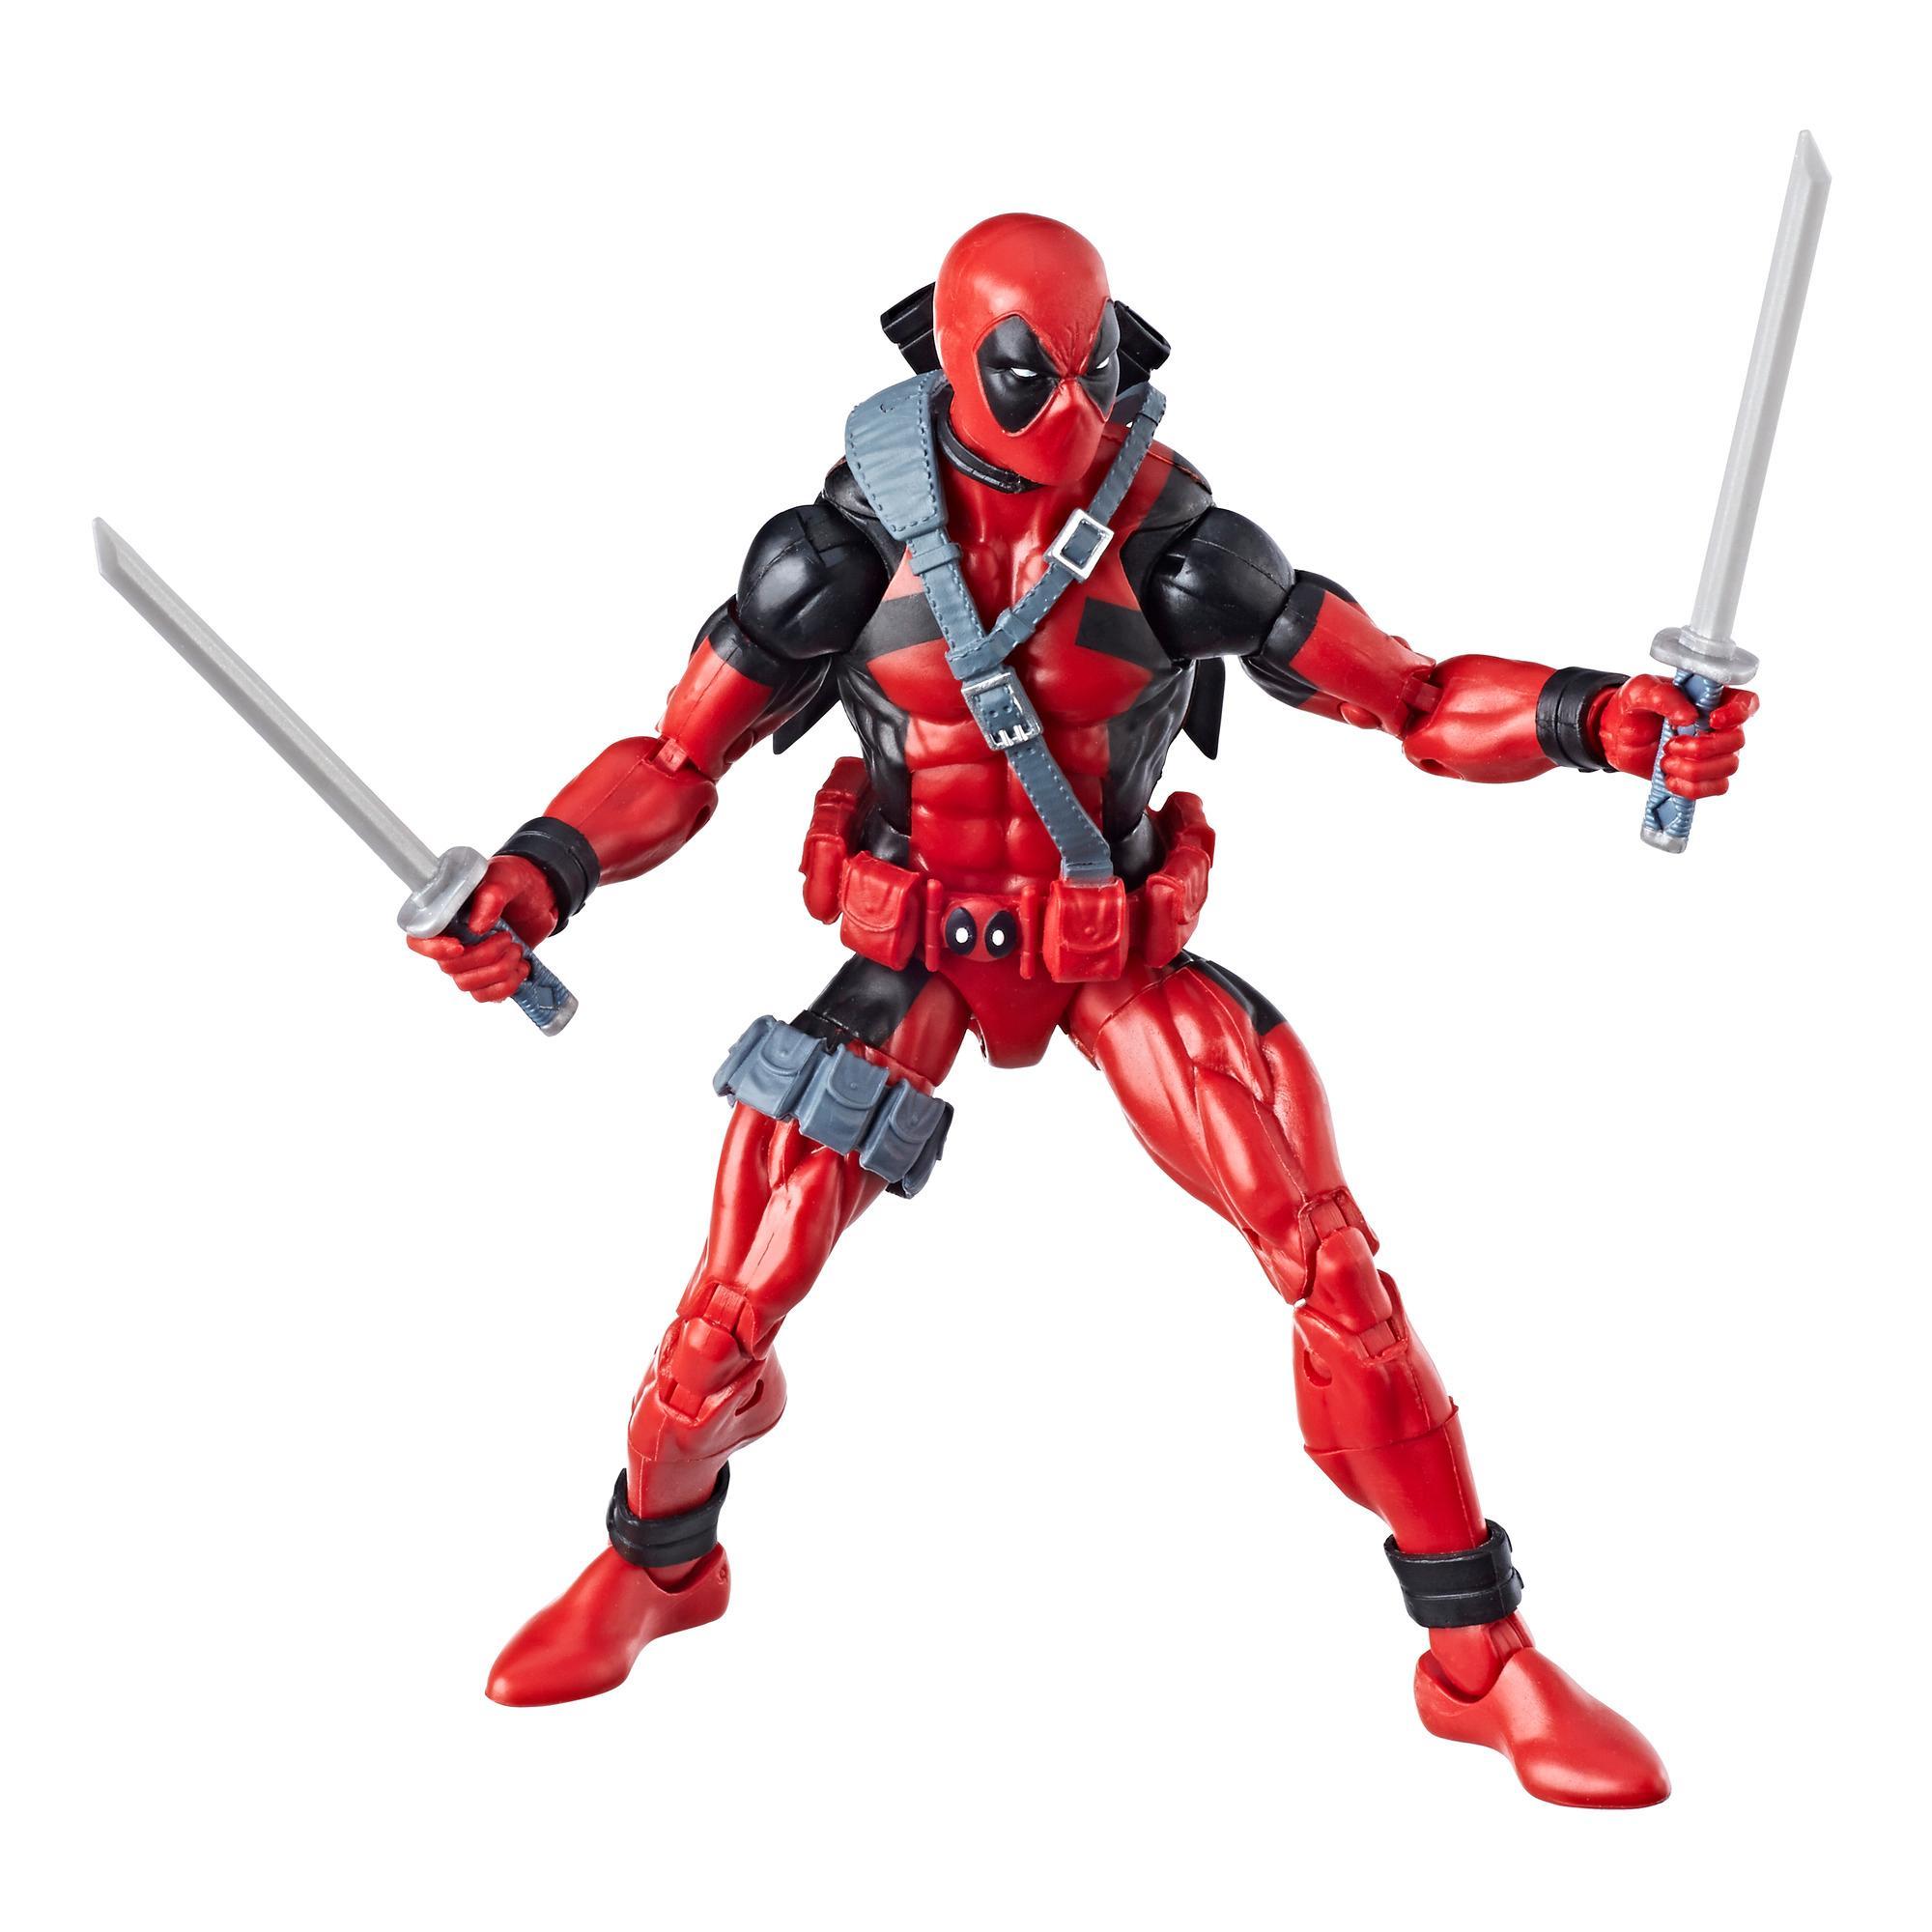 Marvel Legends - Deadpool (Build-A-Figure Marvel's Sasquatch Action Figure Collezione, 15 cm)